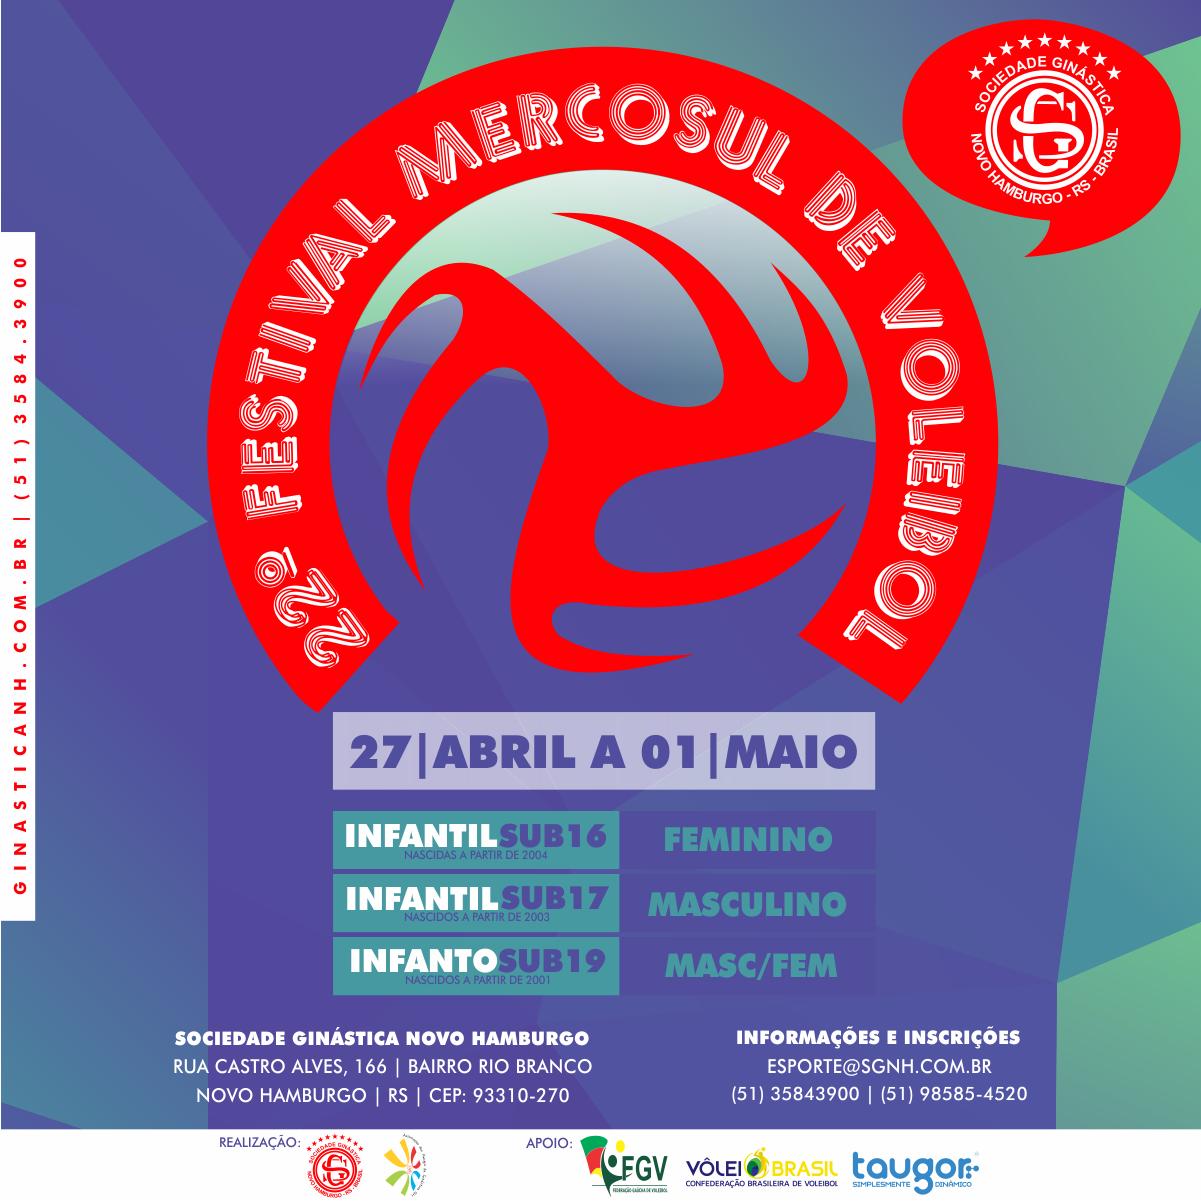 Ginástica sedia a 22ª edição do Mercosul de Vôlei